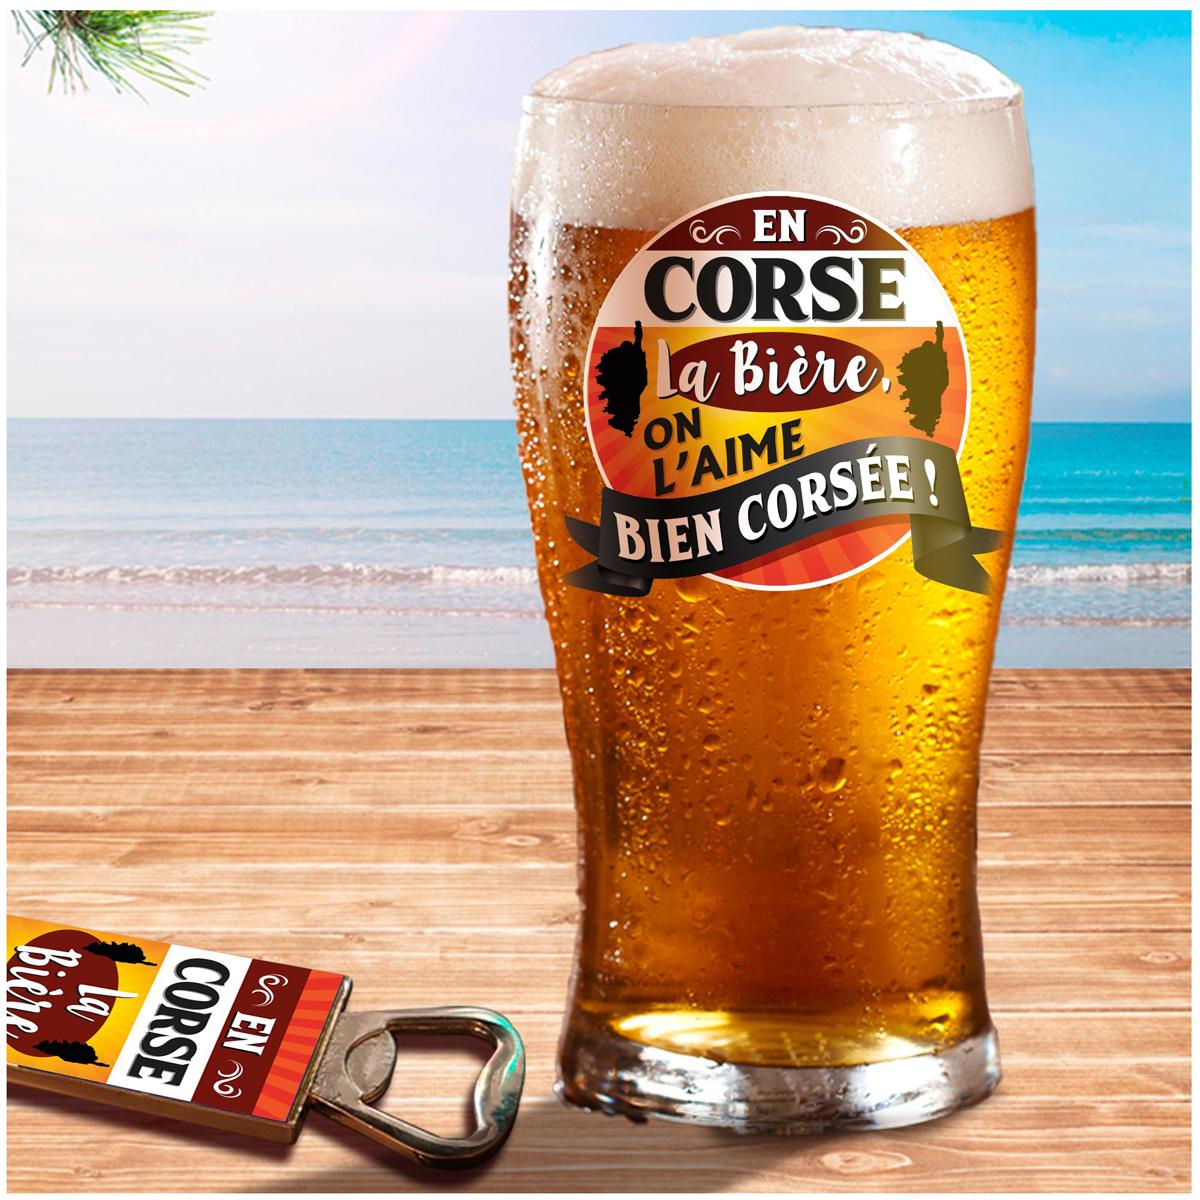 Coffret verre à bière et décapsuleur \'Corsica\' - 19x15x9 cm (En Corse, la bière on l\'aime bien corsée !) - [A1260]